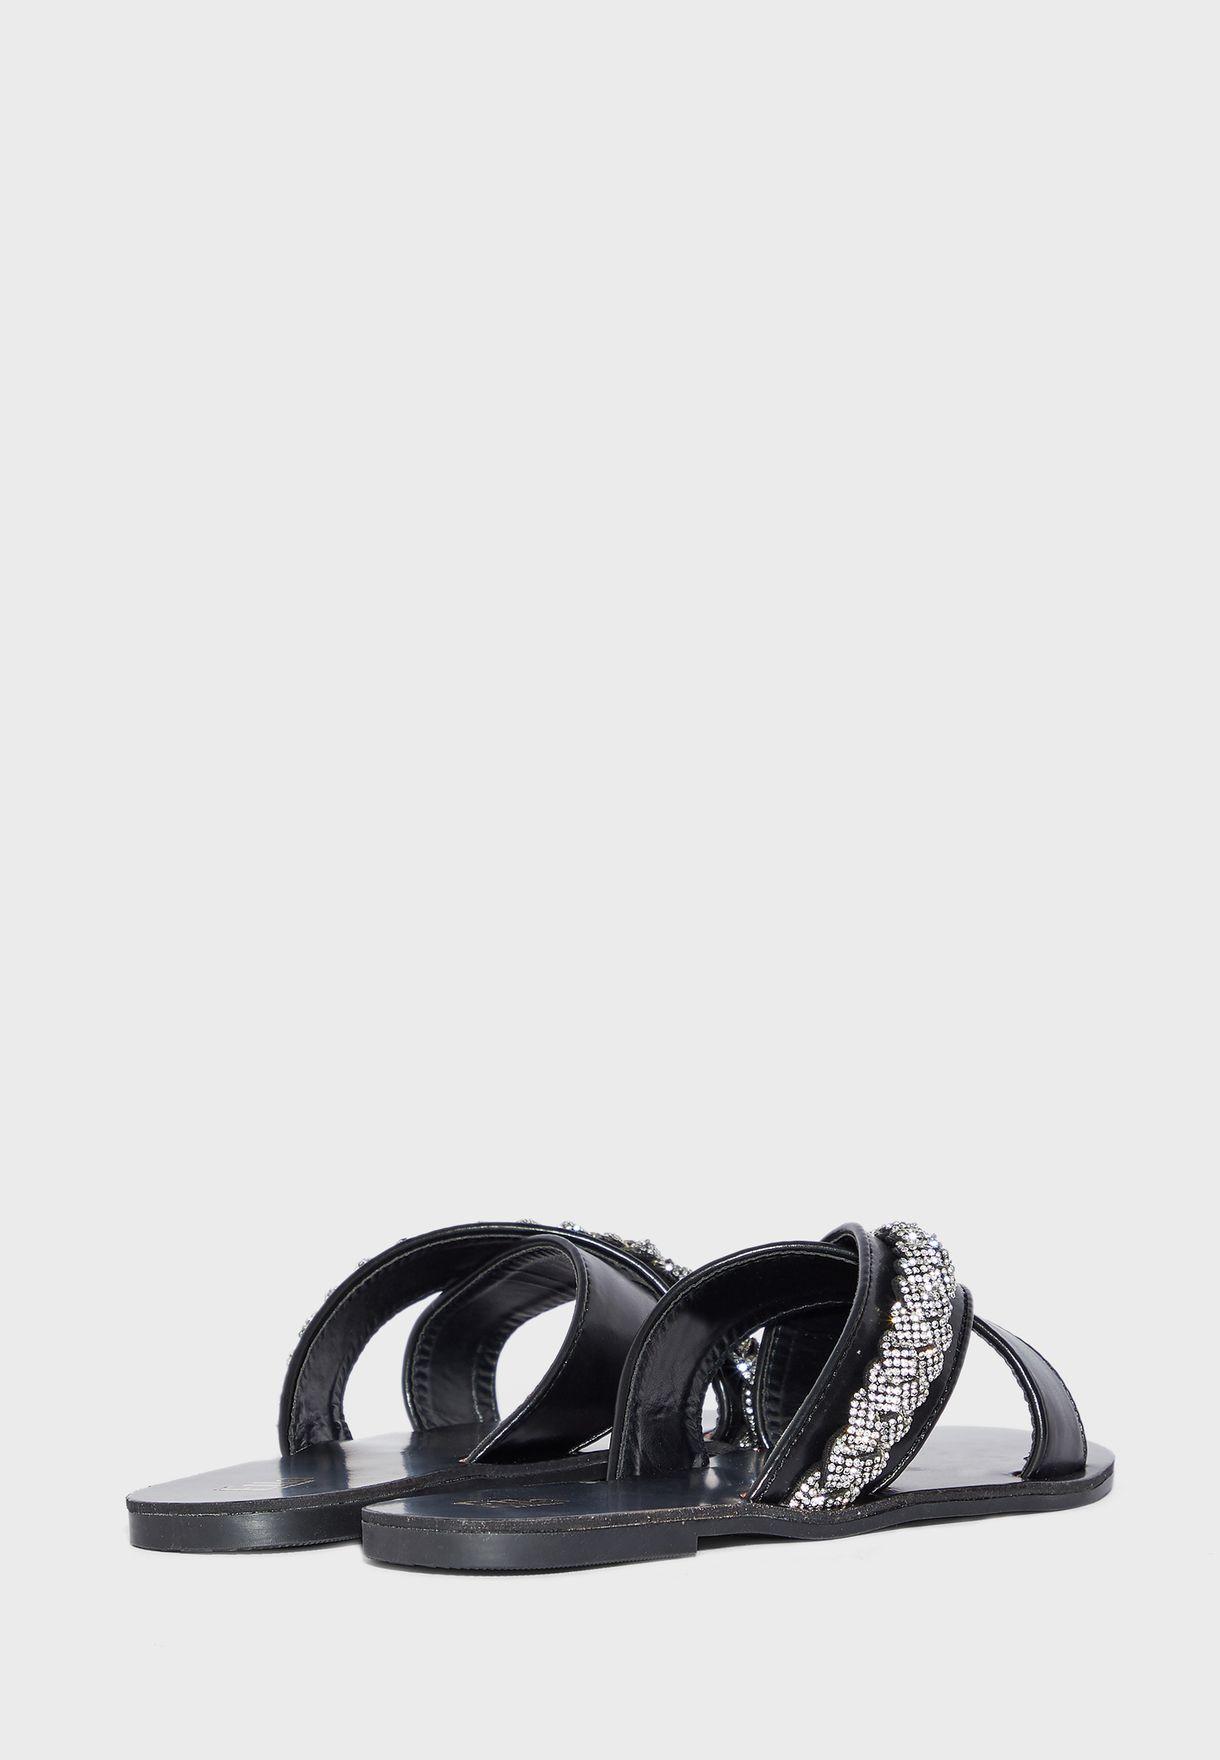 حذاء مزين باحجار الراين